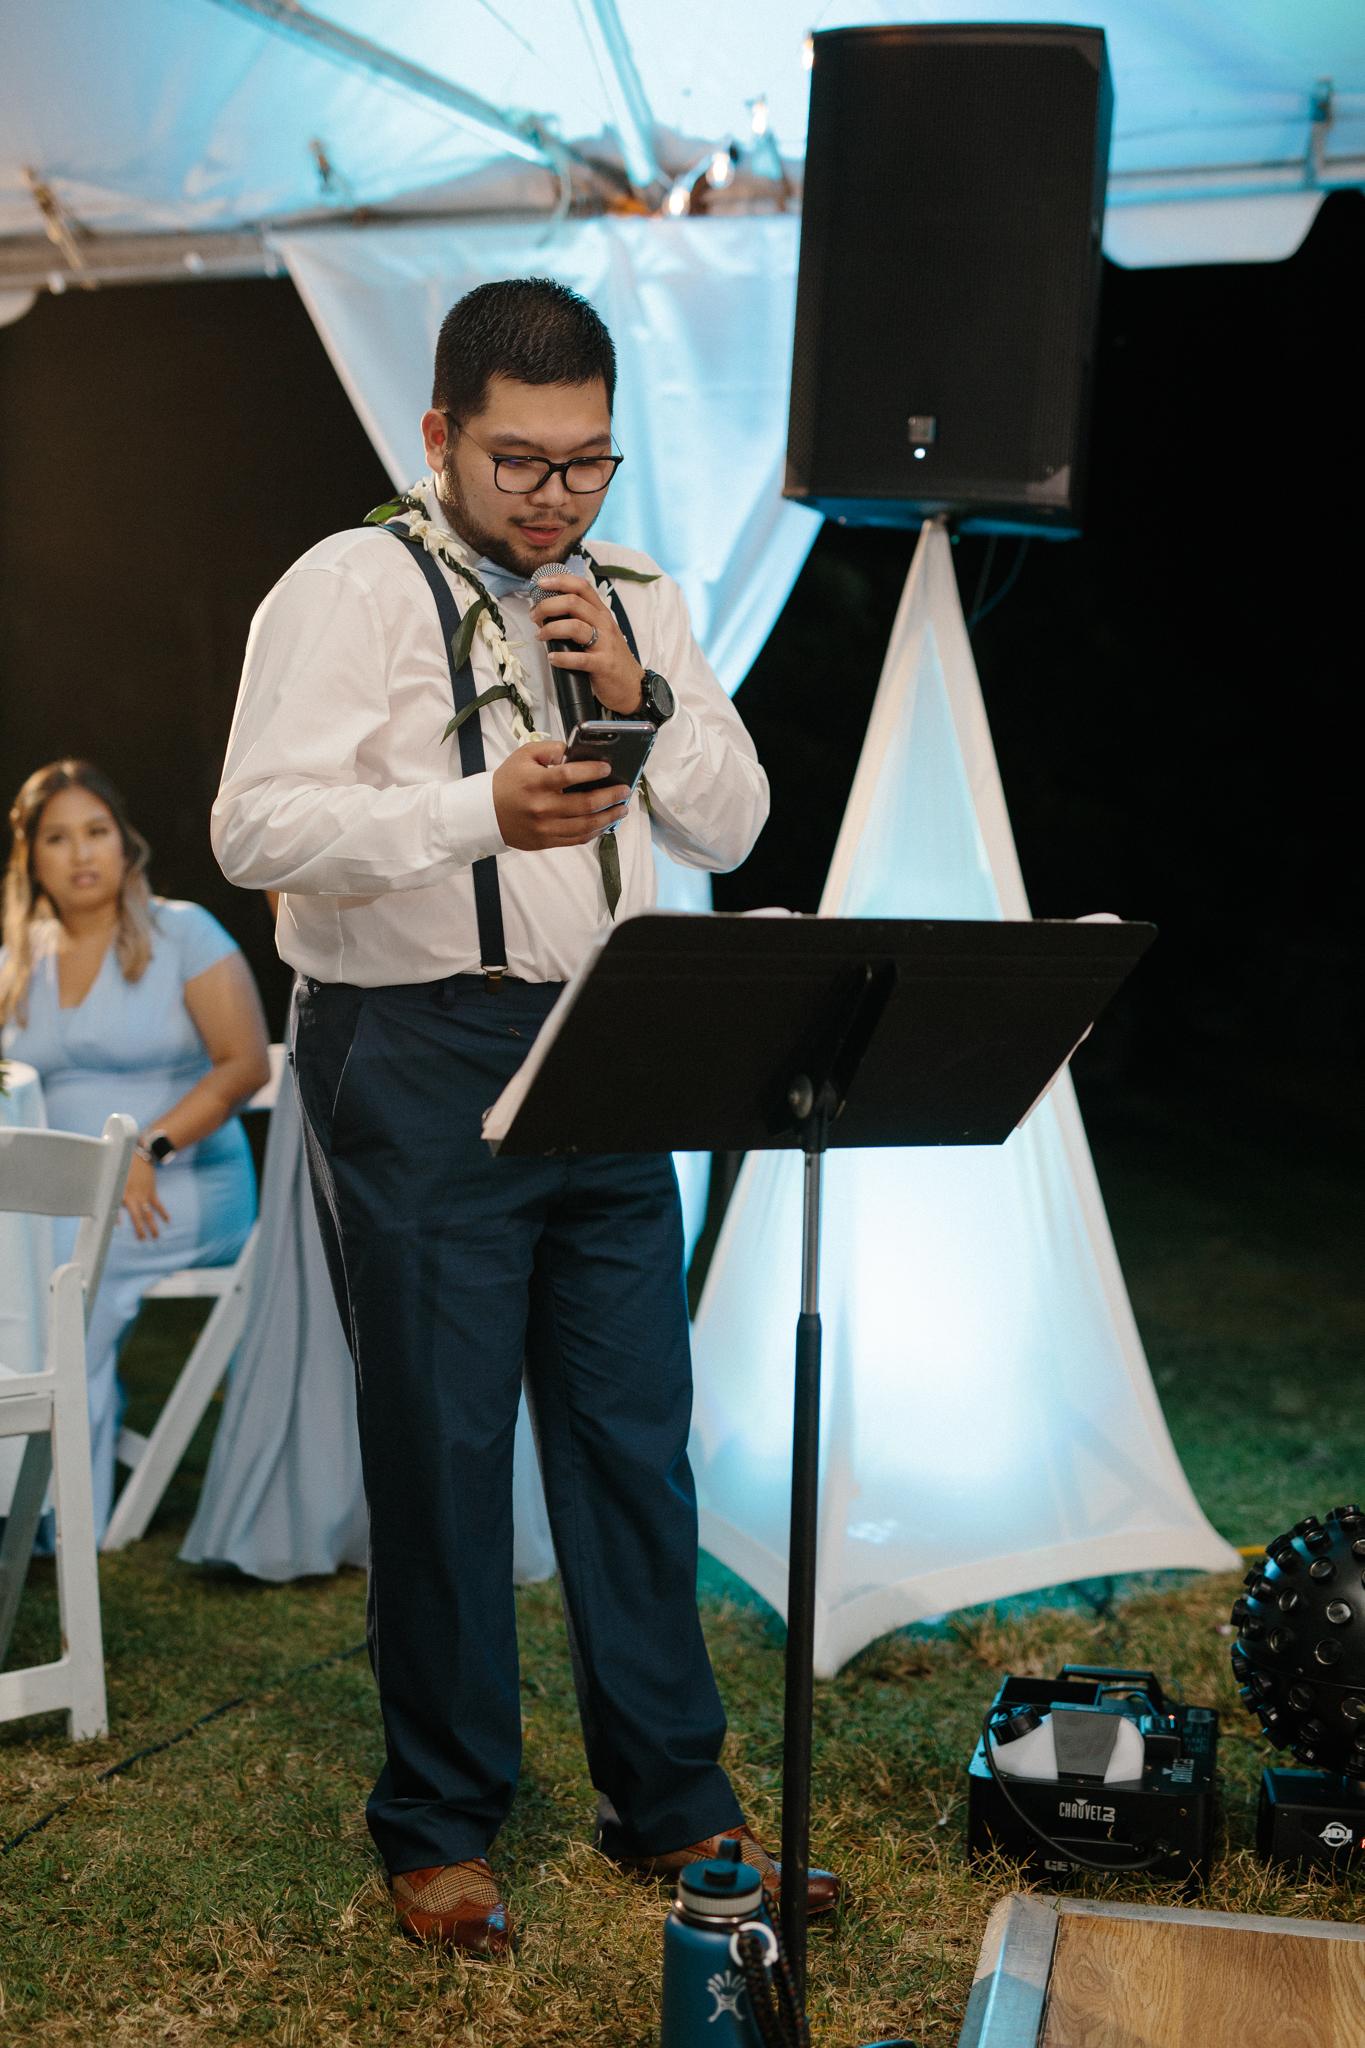 kualoa_ranch_wedding_photography_tone_hawaii-85.jpg